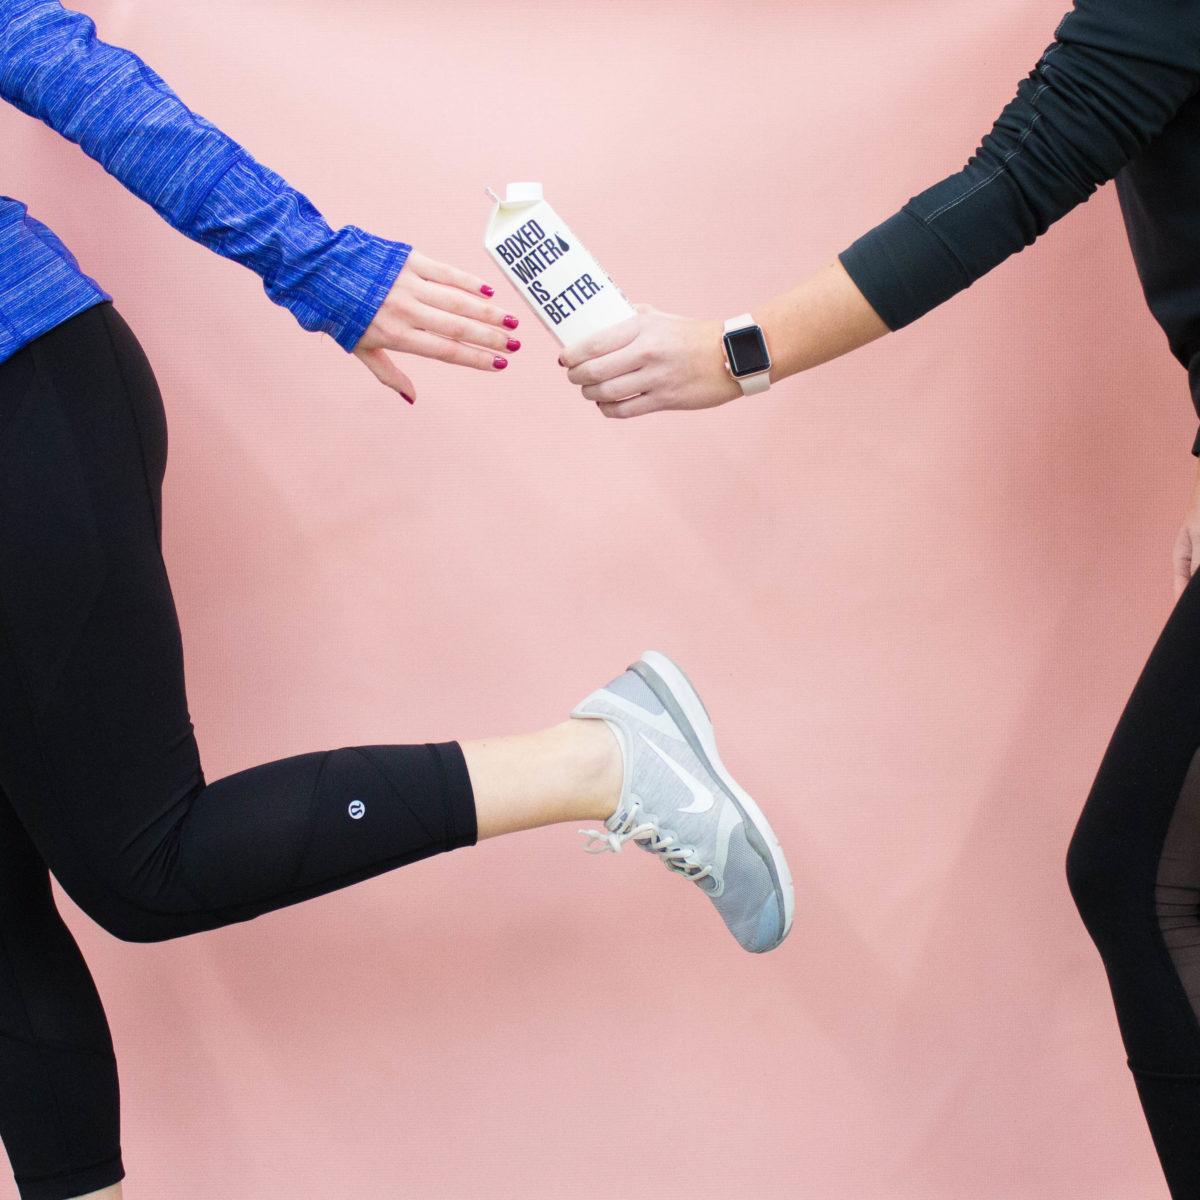 Manger sainement pour perdre du poids – Comment vaincre ses propres excuses